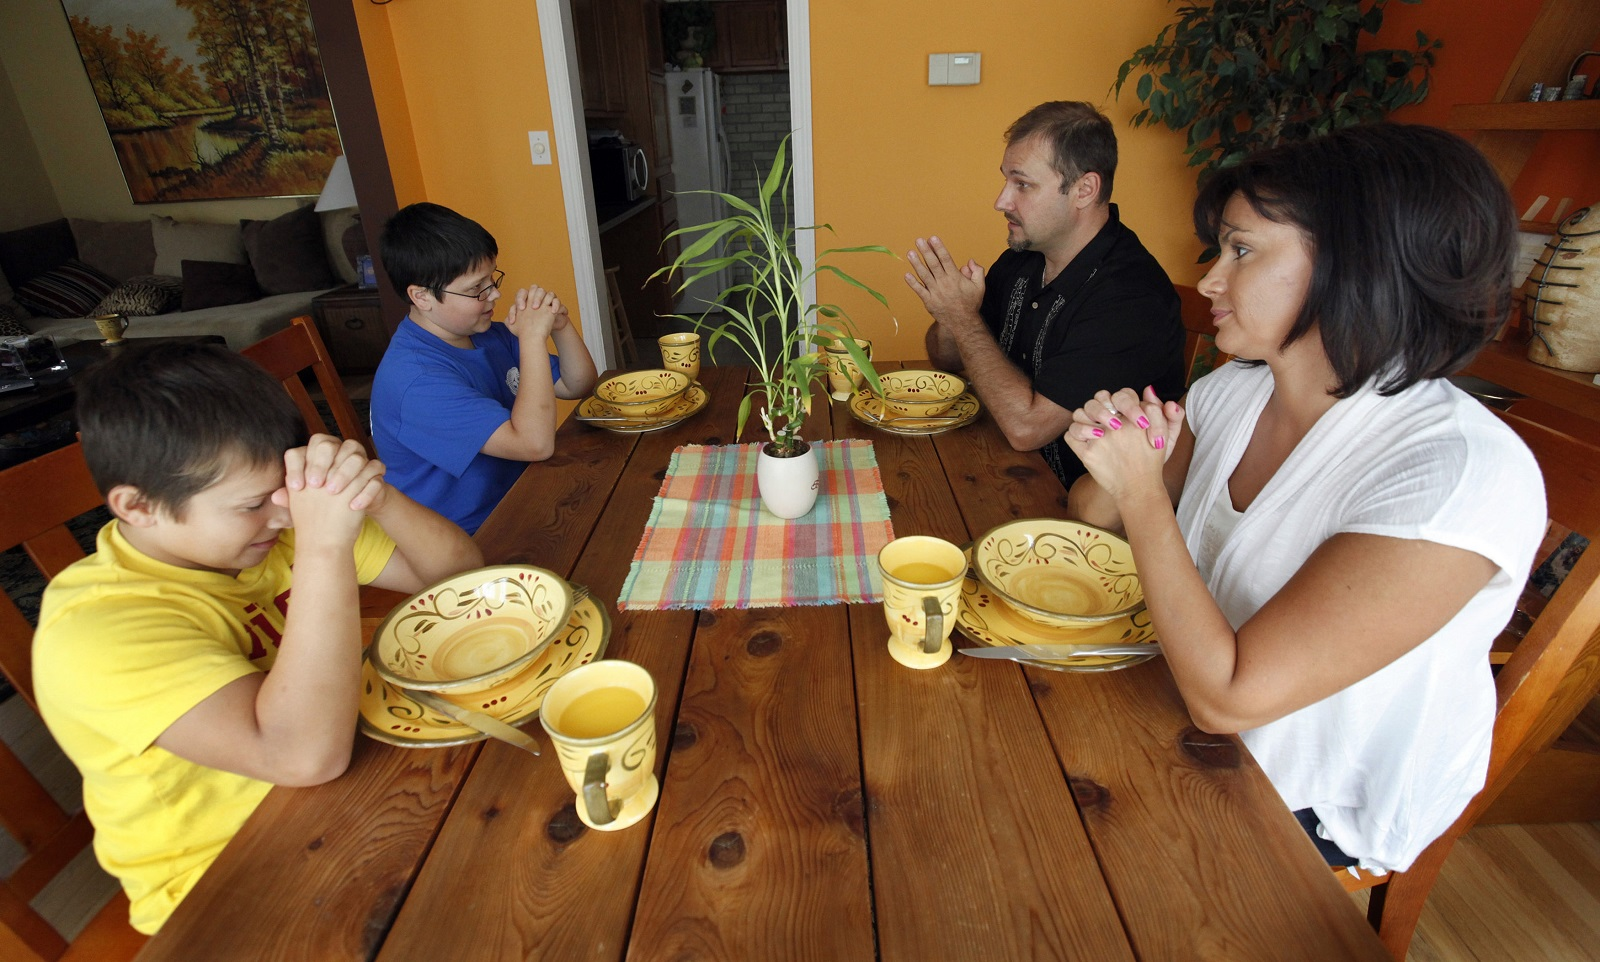 Năm khoảnh khắc chia sẻ đức tin thường bị bỏ qua trong đời sống gia đình